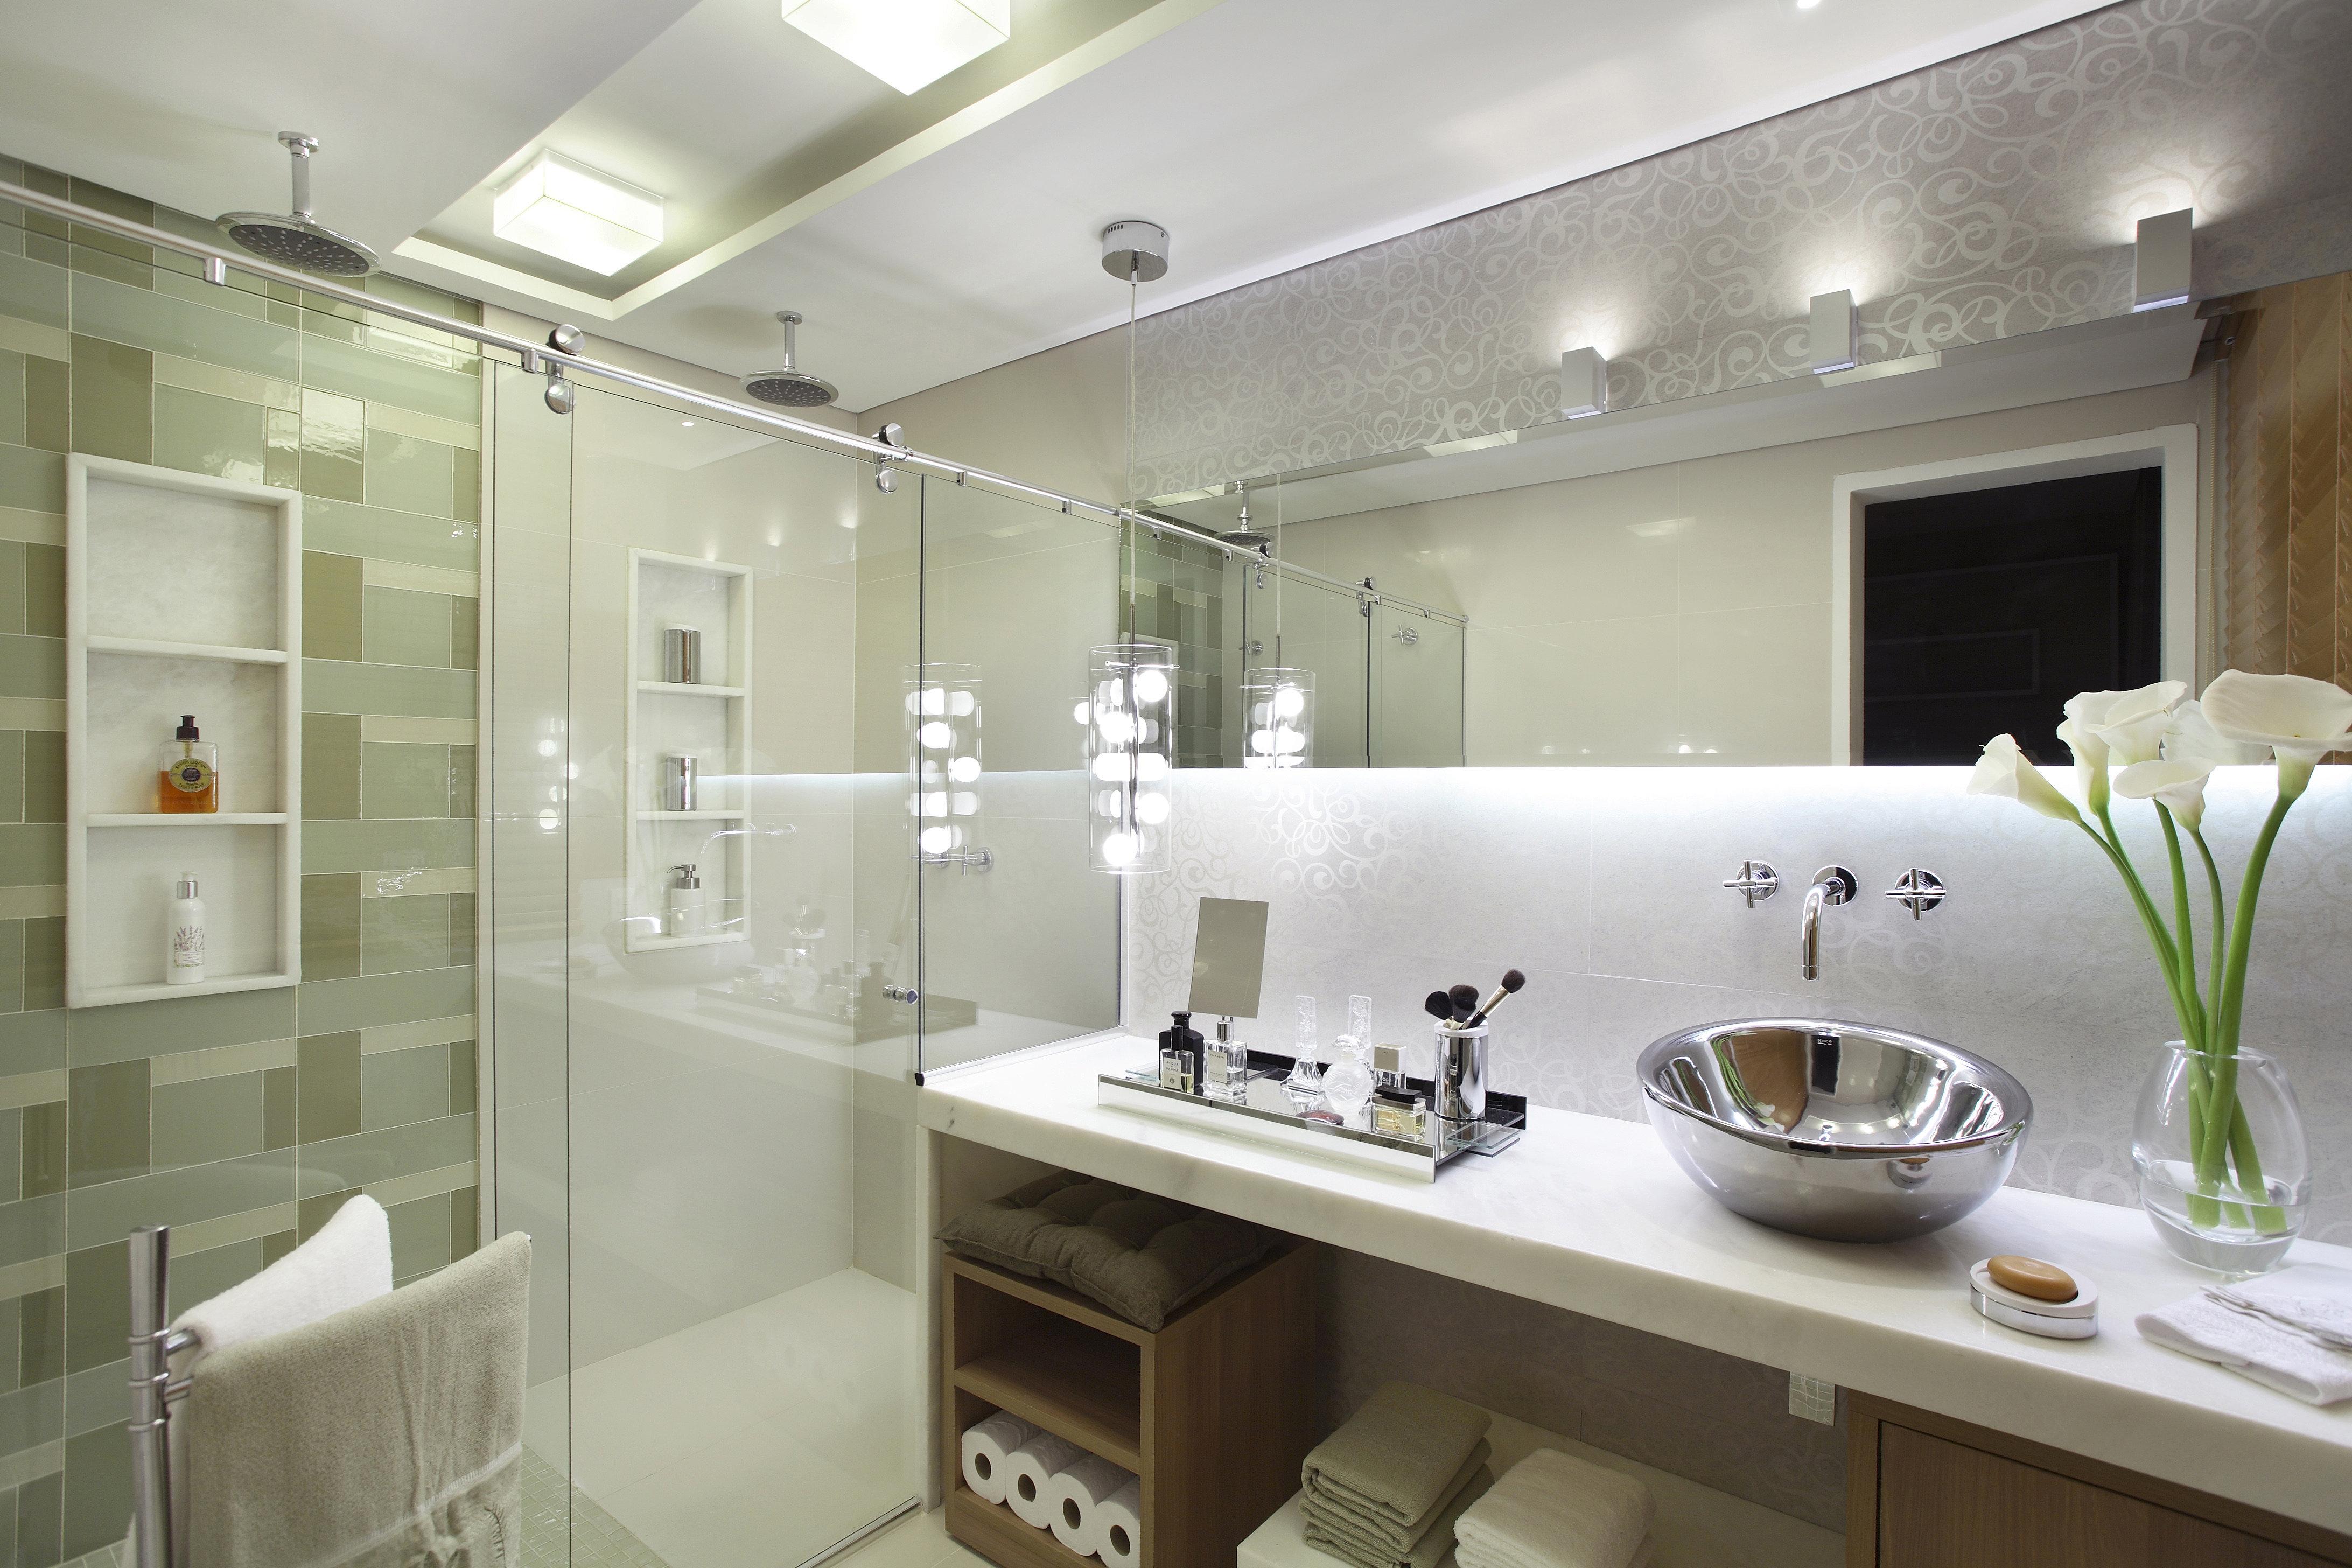 Imagens de #4E5F28  Blindex com kit box elegance da IdeiaGlass. Leveza para o seu banheiro 4368x2912 px 3558 Blindex Banheiro Belem